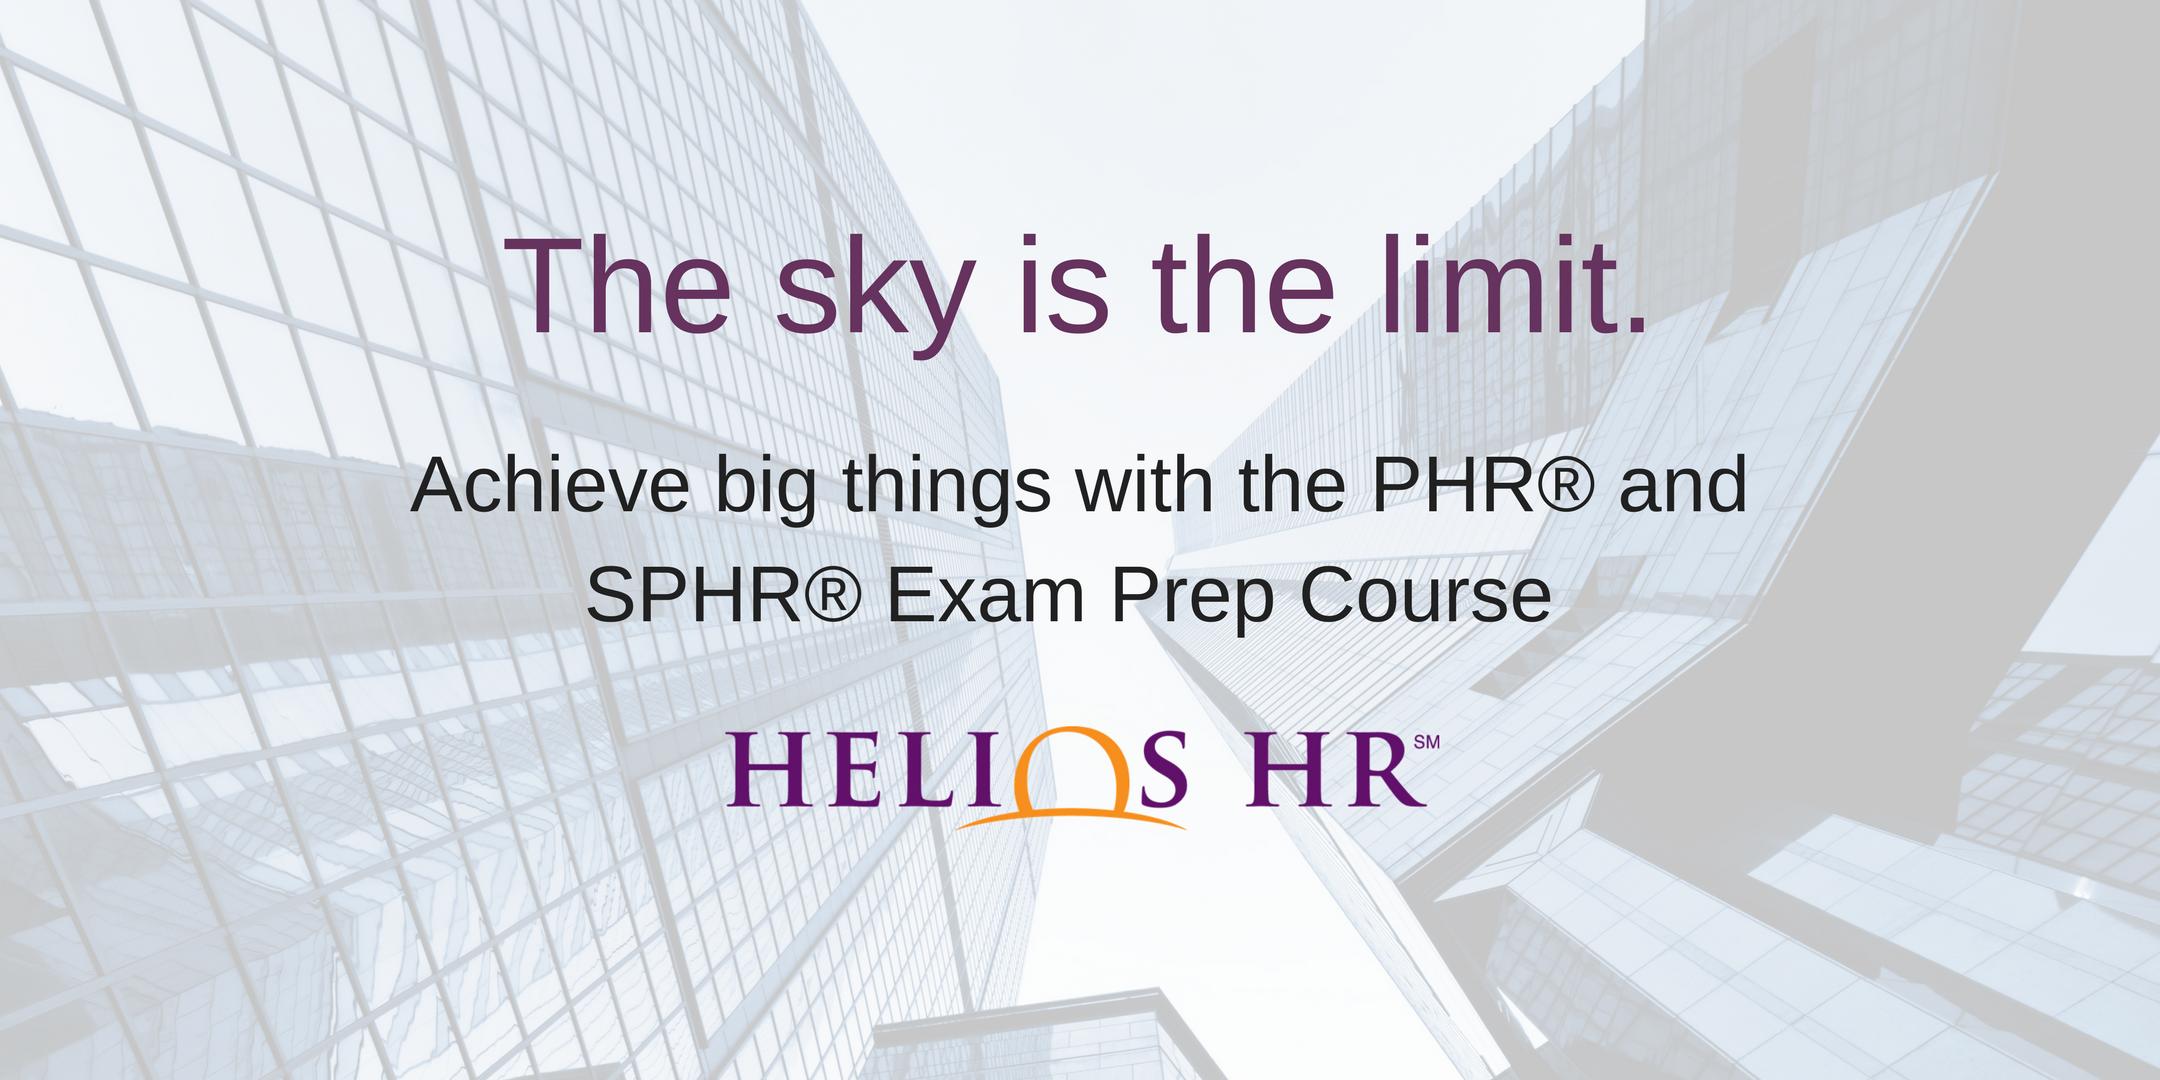 Phr shrm exam prep course by helios hr 13 mar 2018 phr shrm exam prep course by helios hr 1betcityfo Images